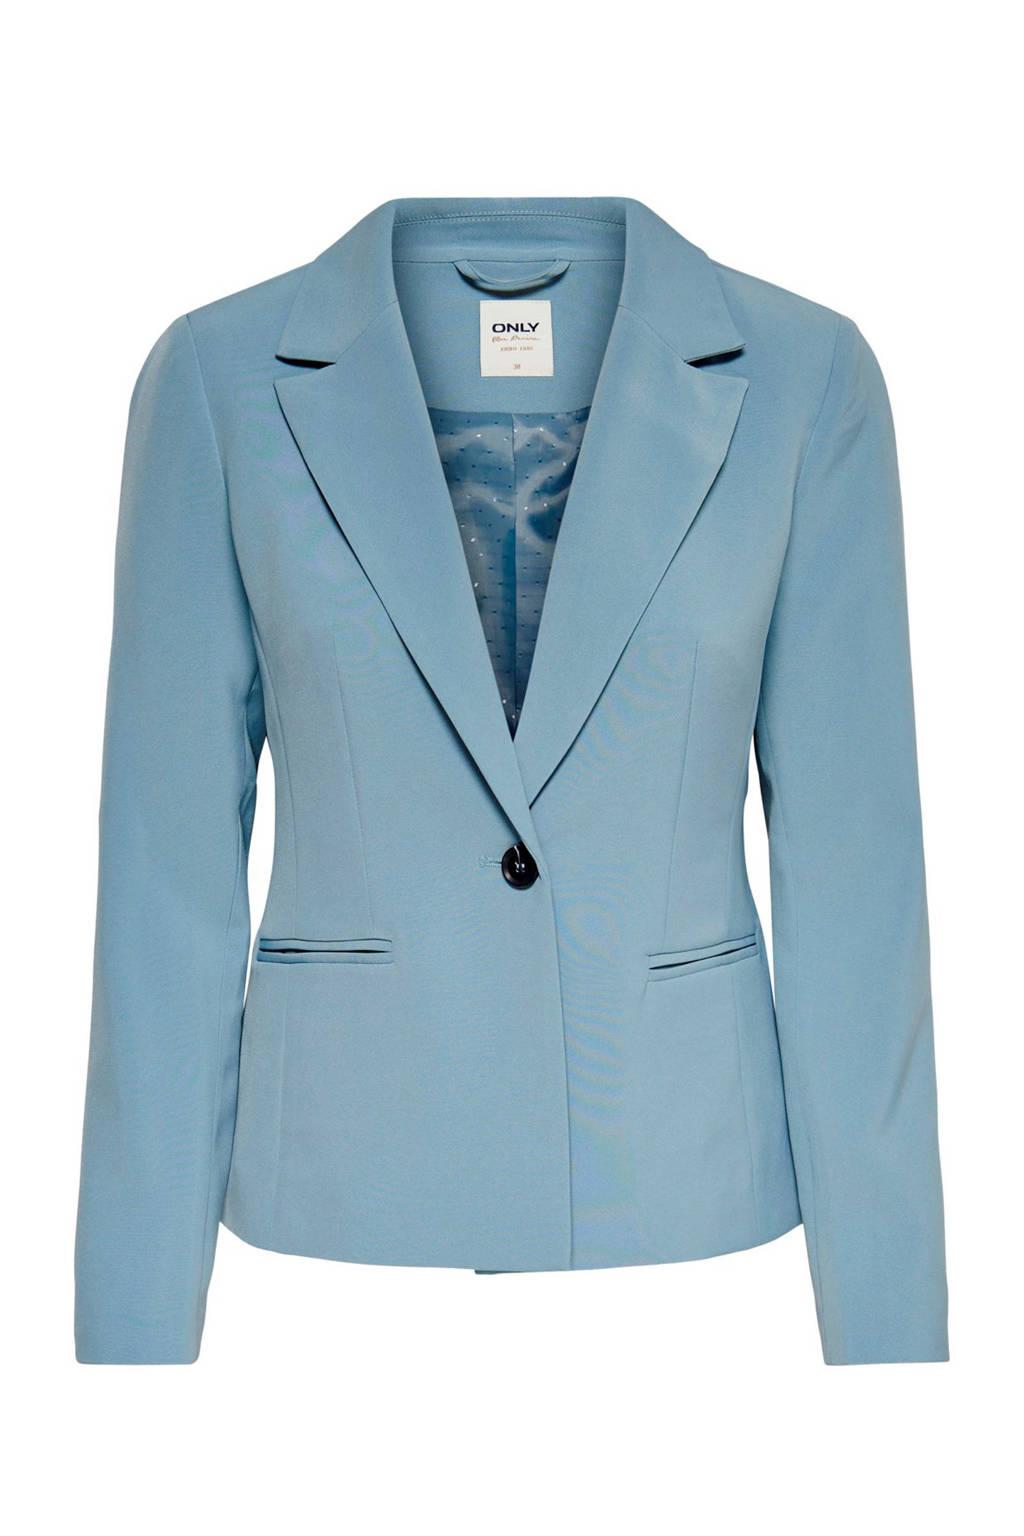 ONLY blazer blauw, Blauw